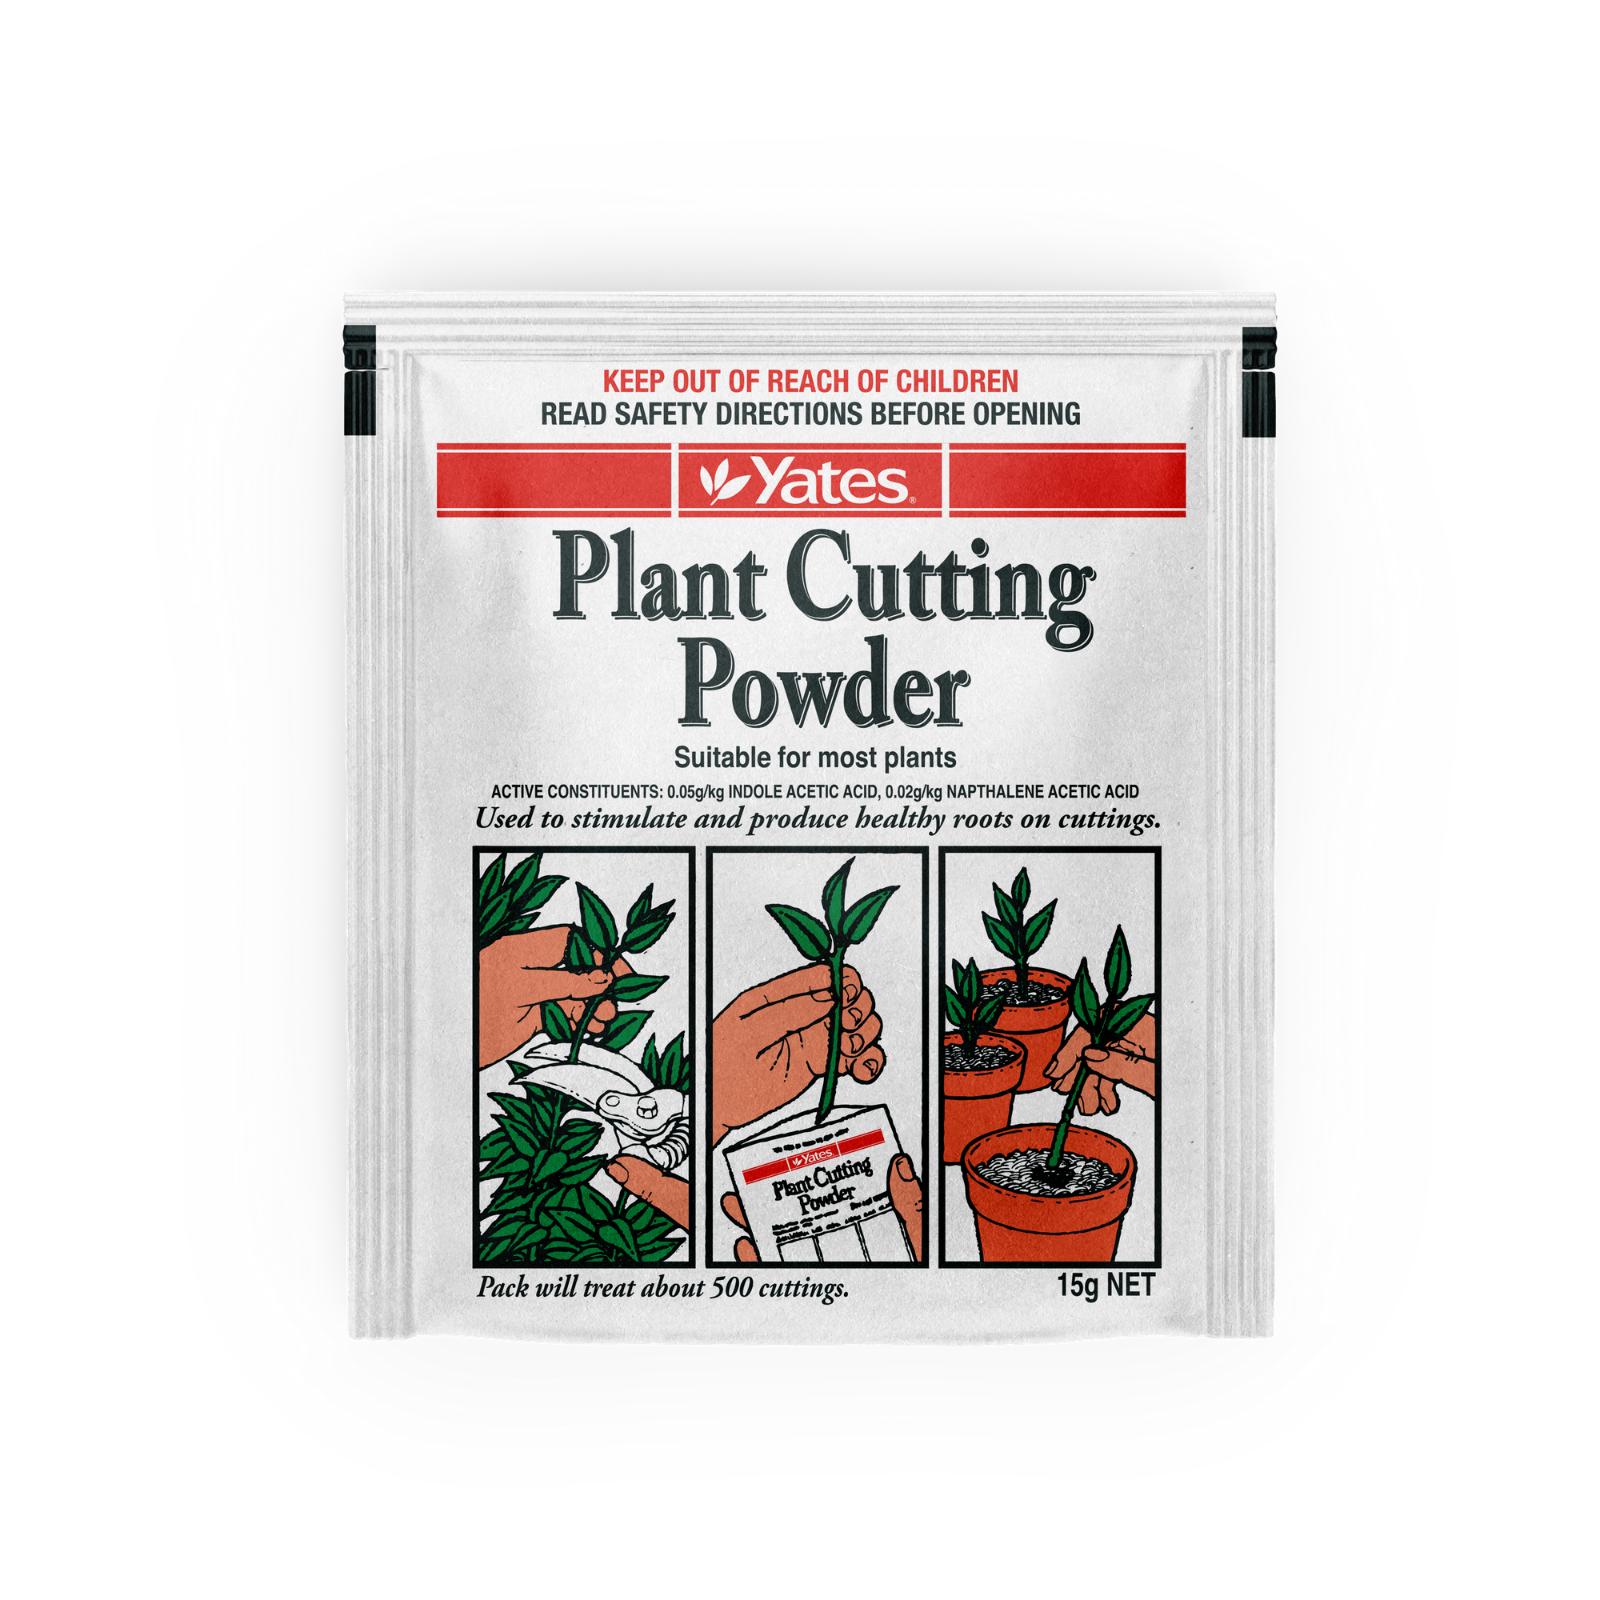 Yates 15g Plant Cutting Powder